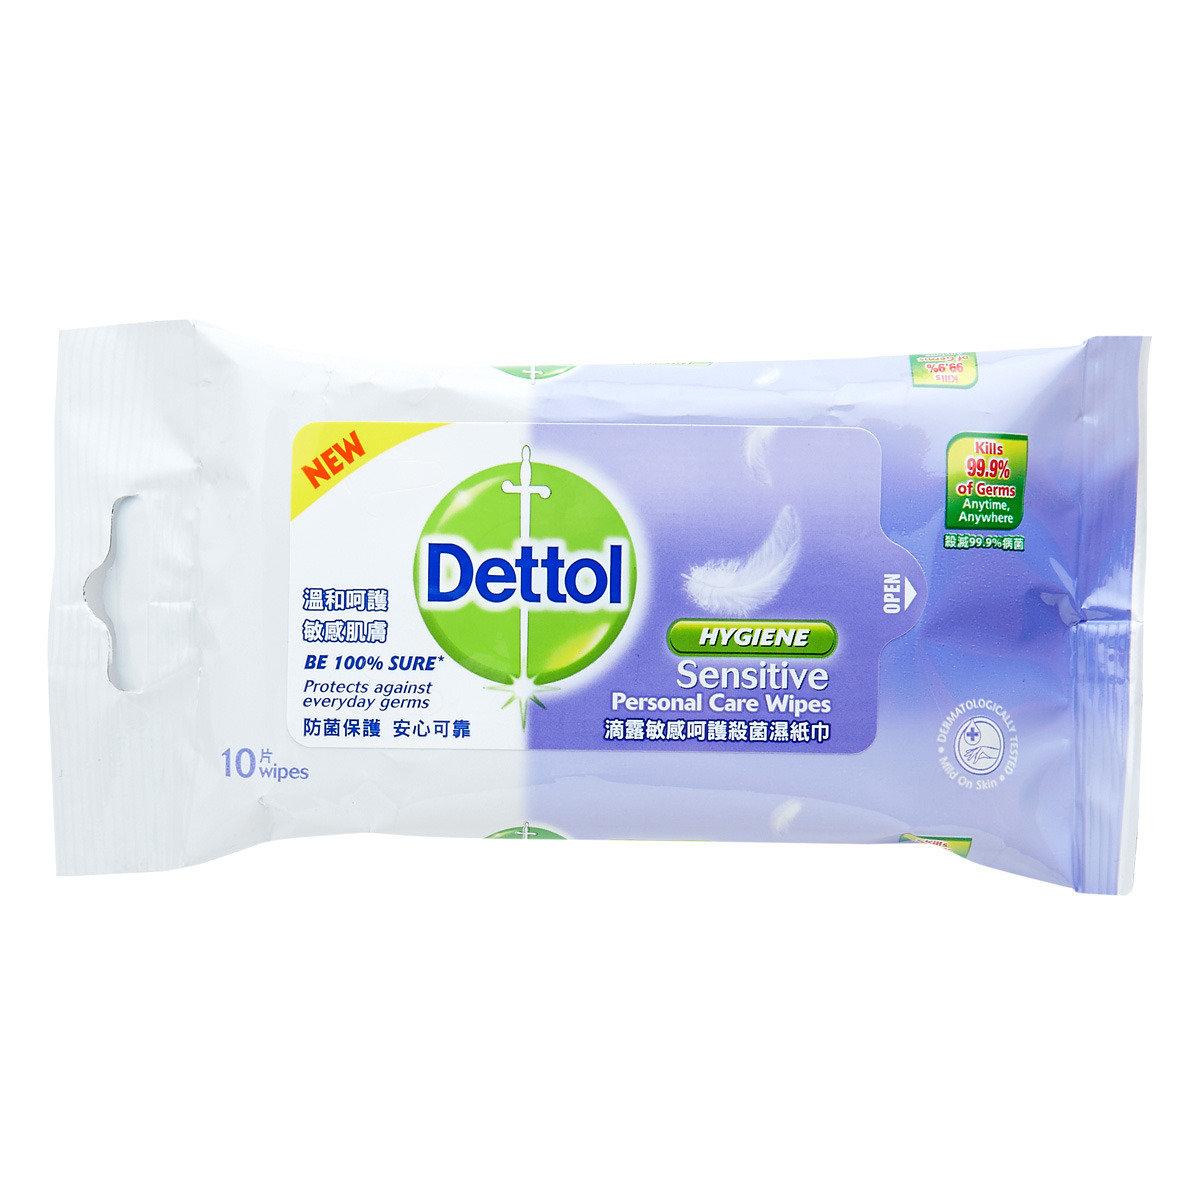 敏感呵護殺菌濕紙巾